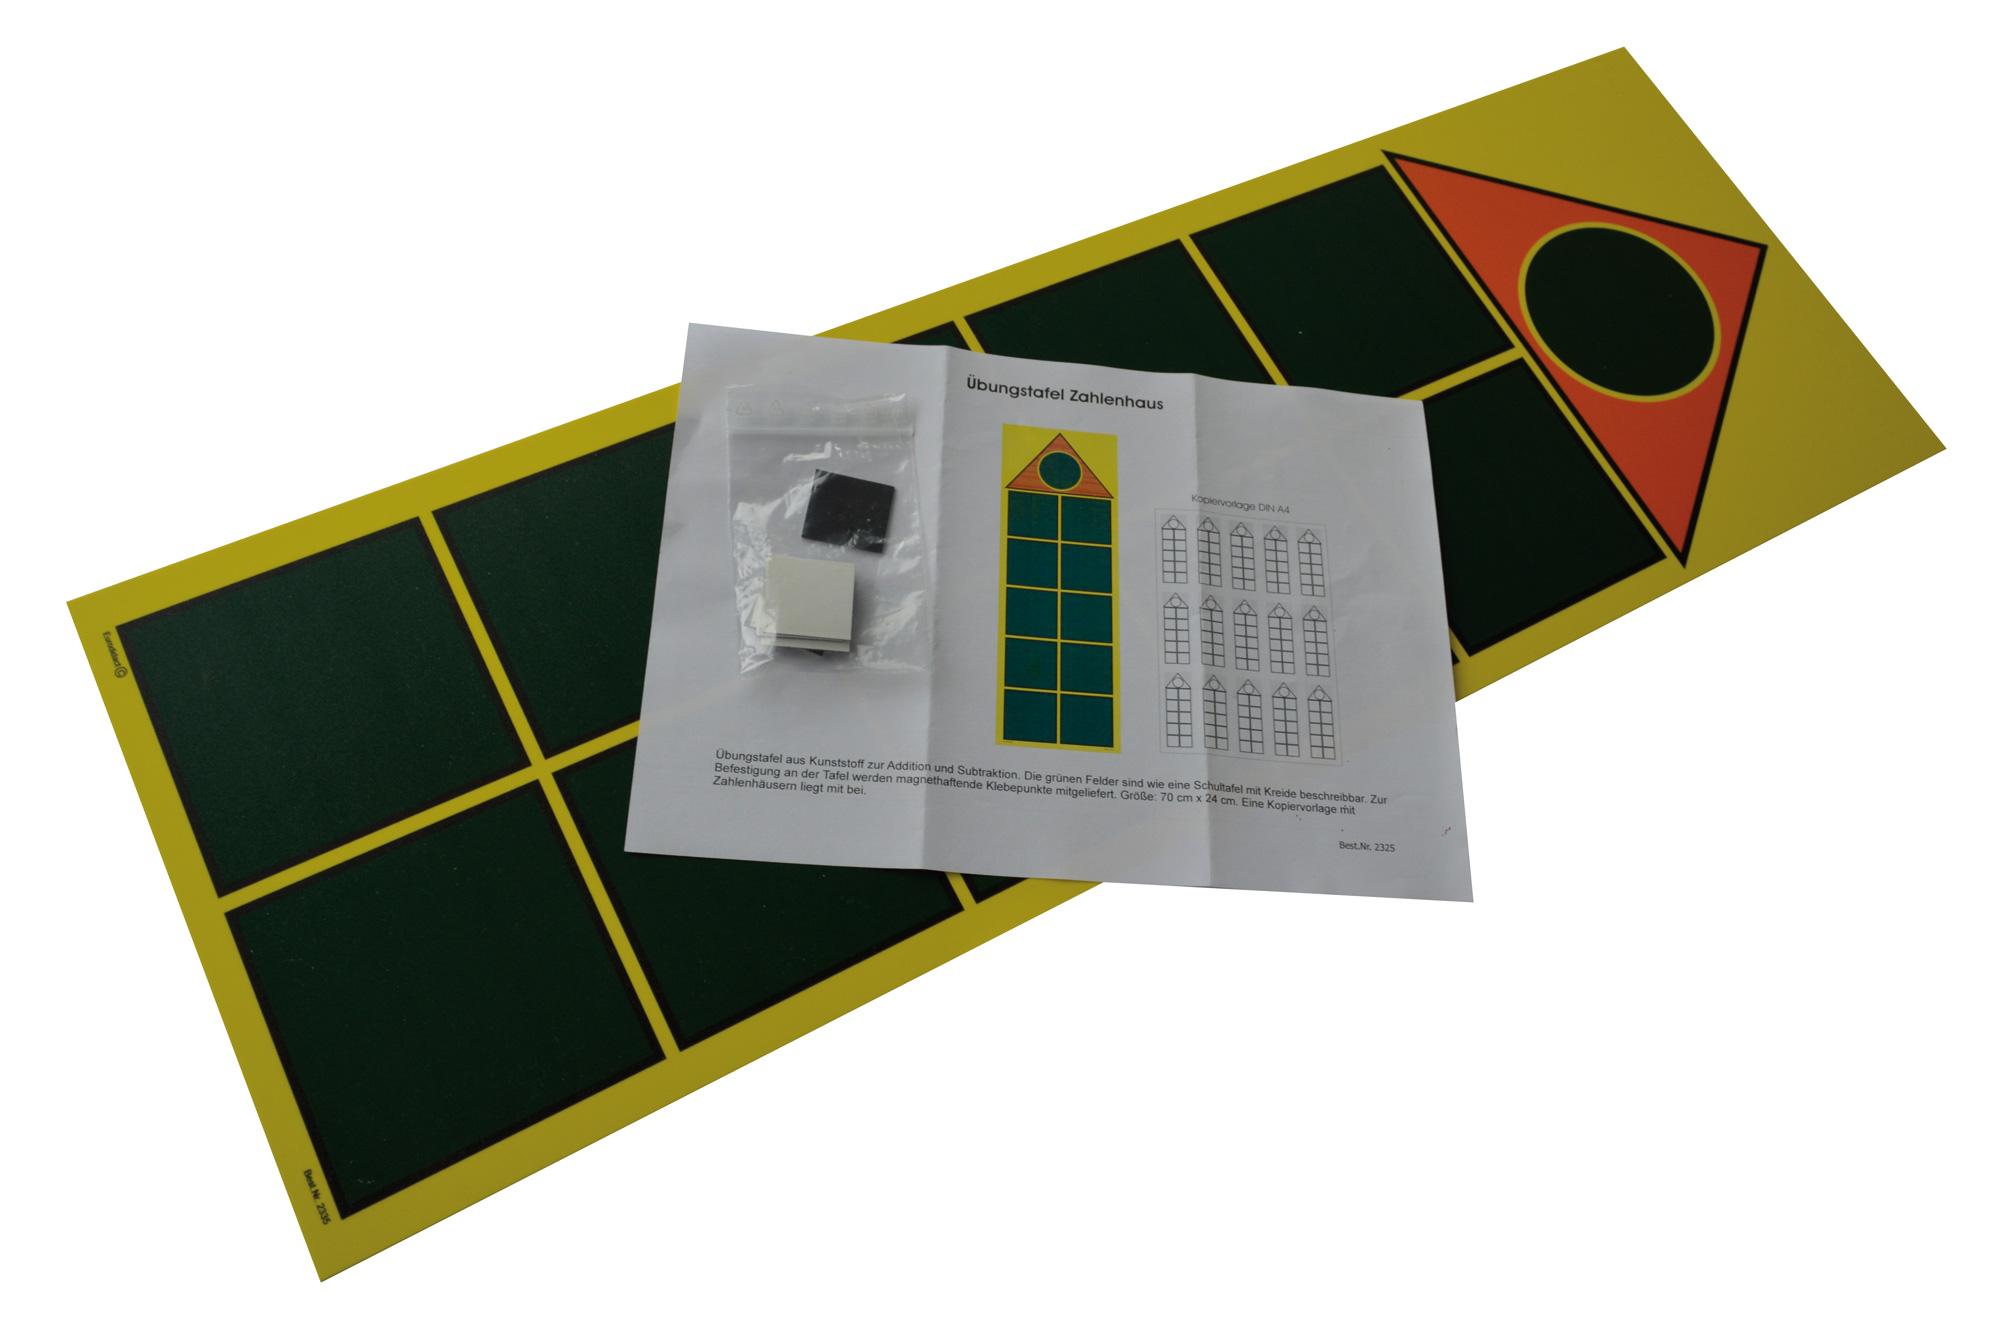 Tafel 70 Cm : Übungstafel zahlenhaus größe cm inkl kopiervorl lms